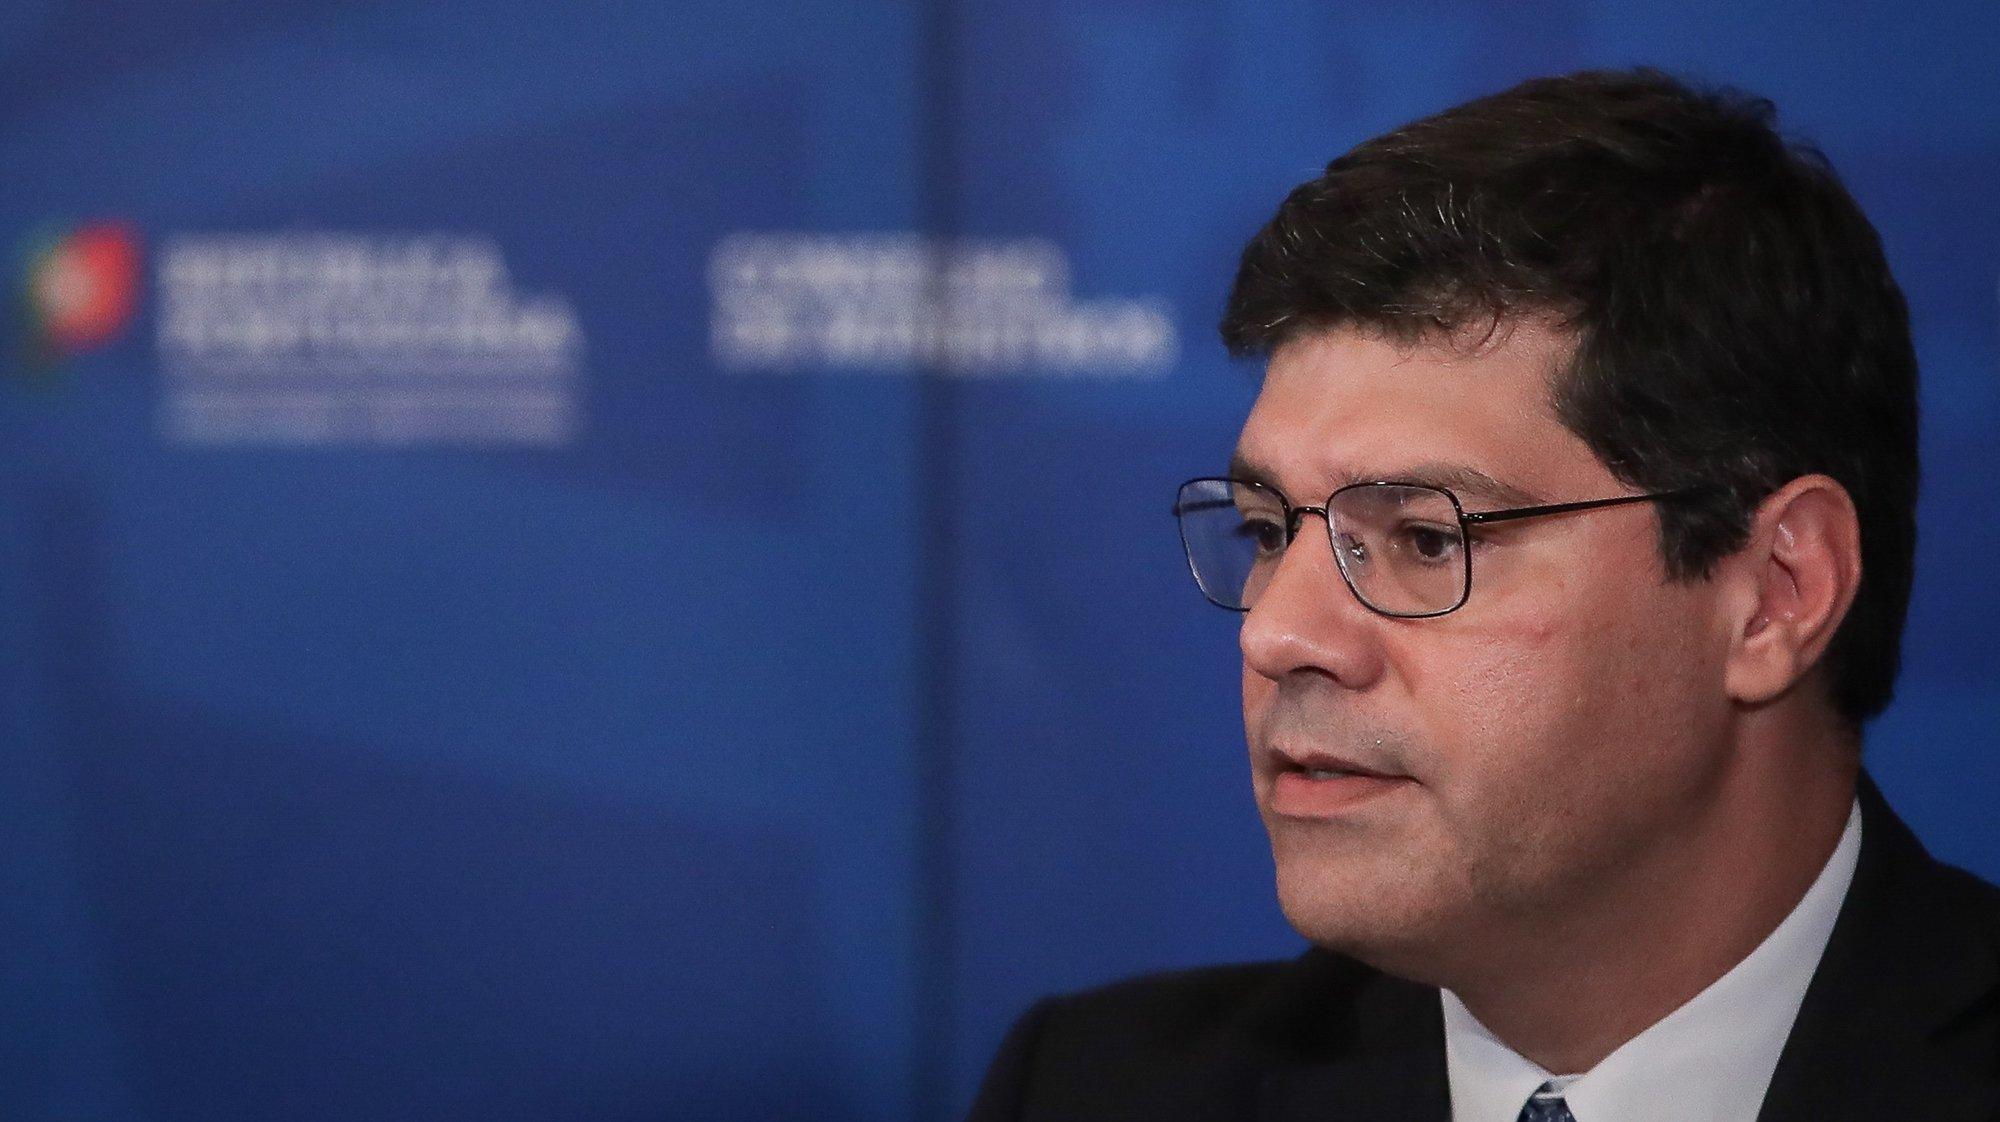 O secretário de Estado da Internacionalização, Eurico Brilhante Dias, durante a conferência de imprensa no final da reunião do Conselho de Ministros, no Palácio Nacional da Ajuda, em Lisboa, 23 de julho de 2020. MÁRIO CRUZ/POOL/LUSA